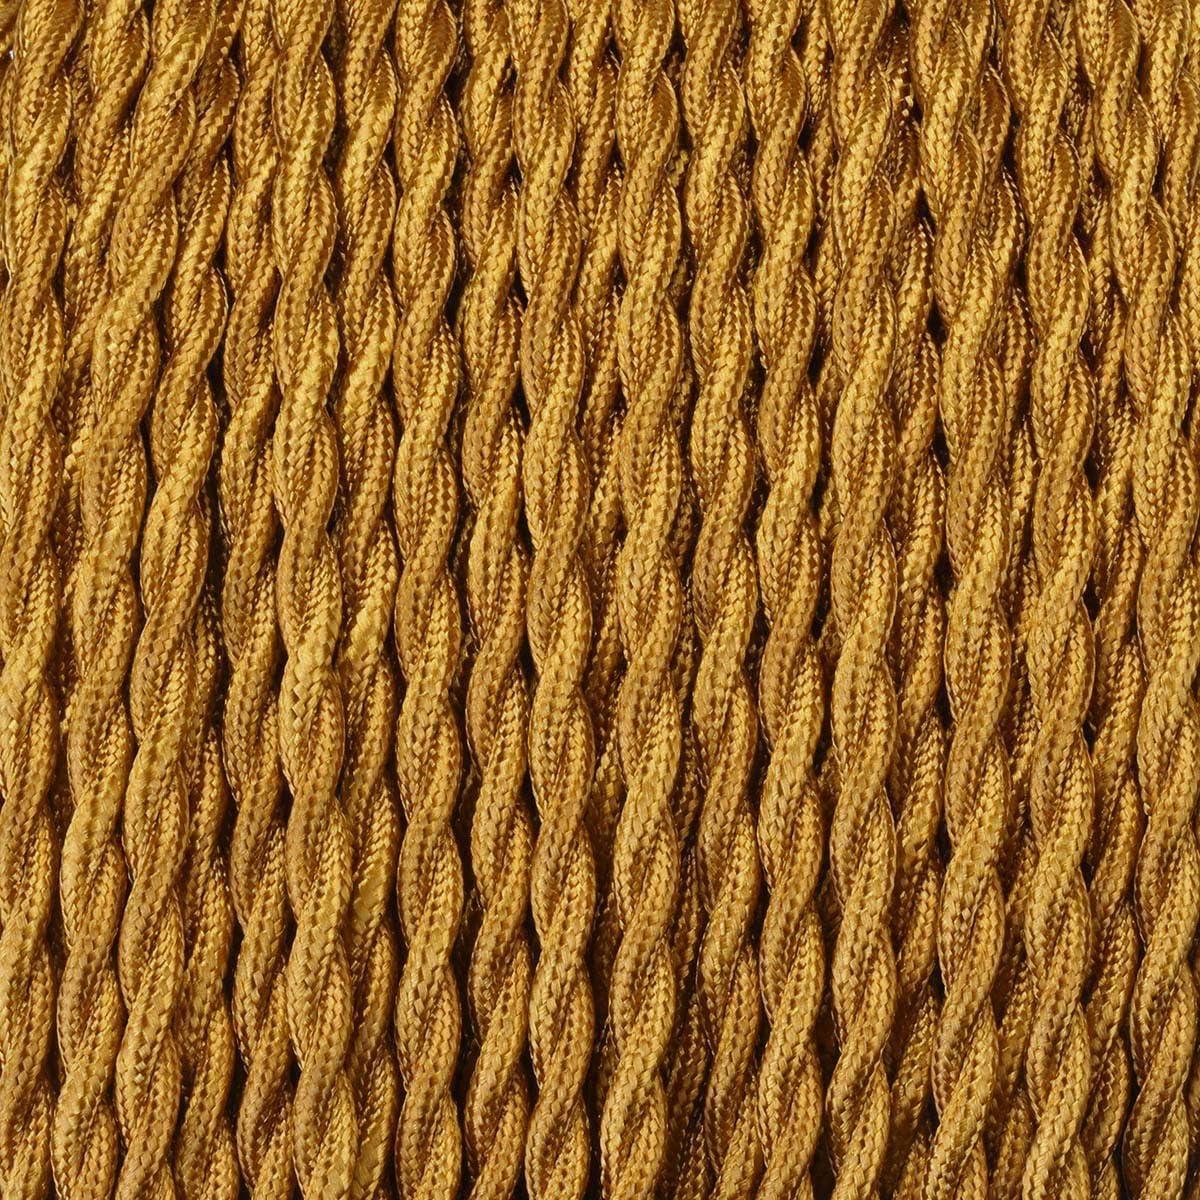 GreenSun C/âble Electrique Textile Pour Lampe,Fil de cuivre recouvert de lin,2 noyaux,R/étro Tress/é Industriel Corde,Pour Accessoires De Lampe /À Suspendre,5M-Caf/é